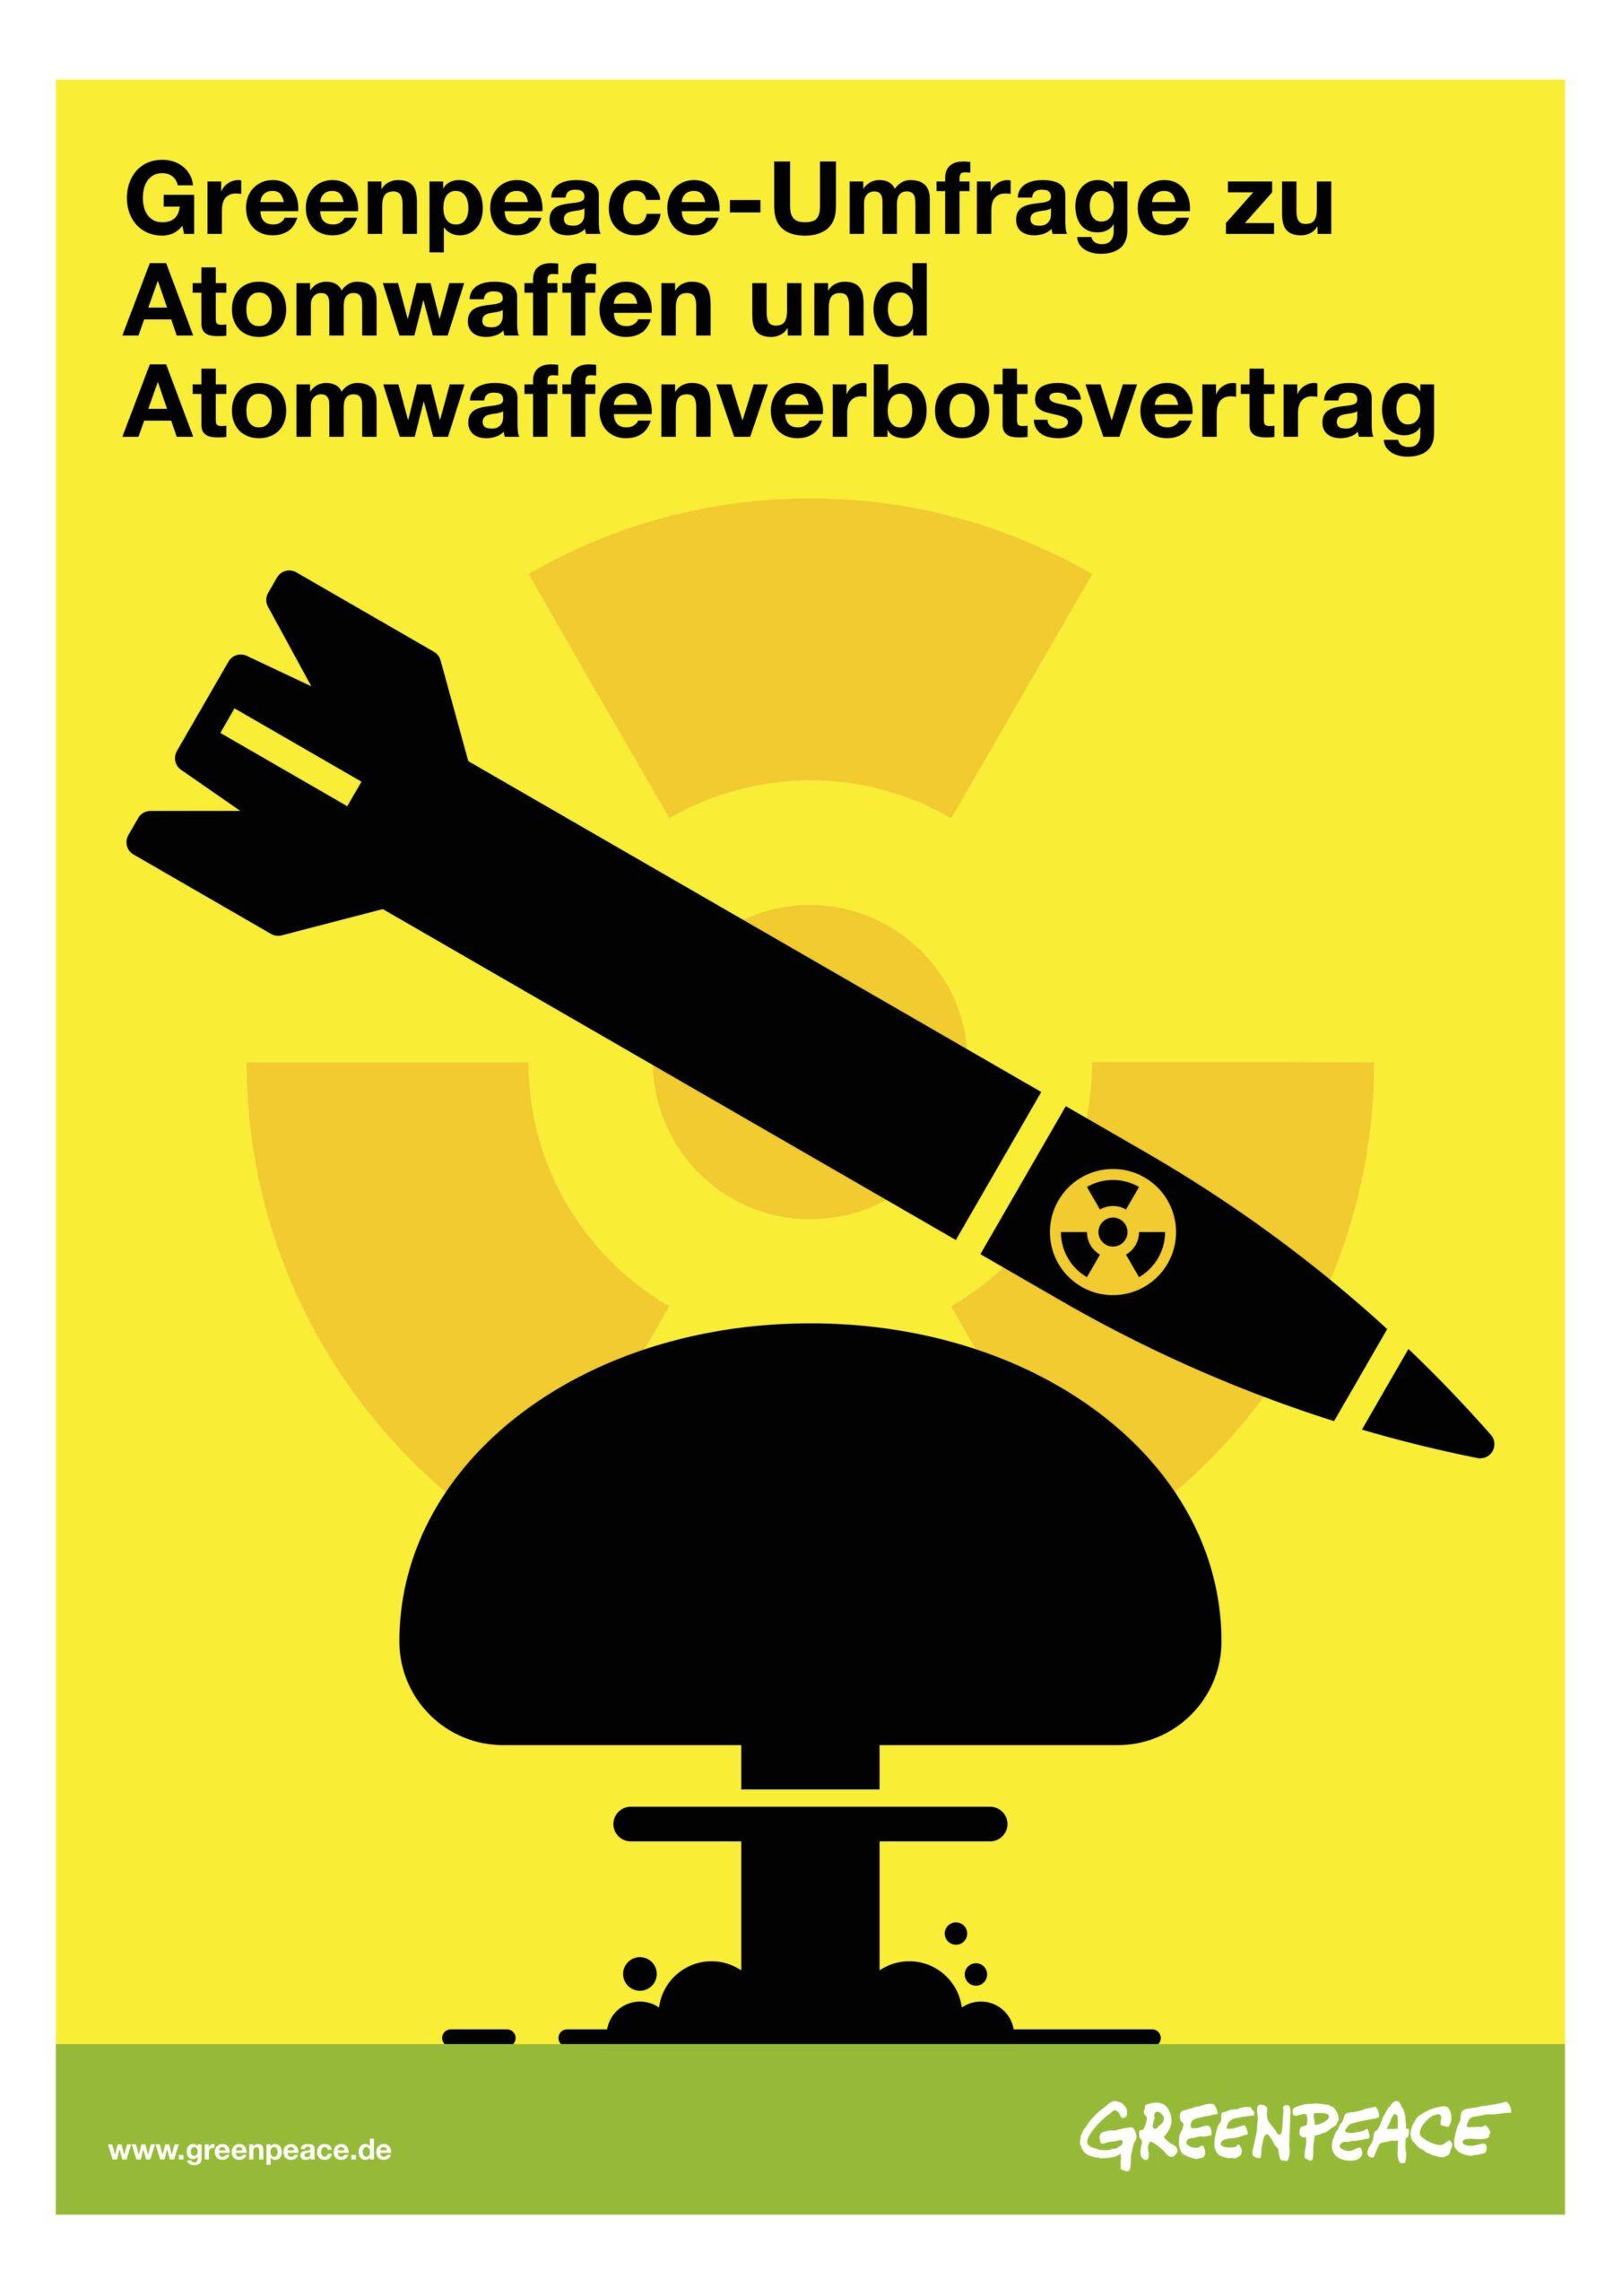 Deckblatt einer Publikation mit der Grafik einer zu Boden fliegenden raketenförmigen schwarzen Bombe und einem schwarzen Atompilz auf gelbem Grund.